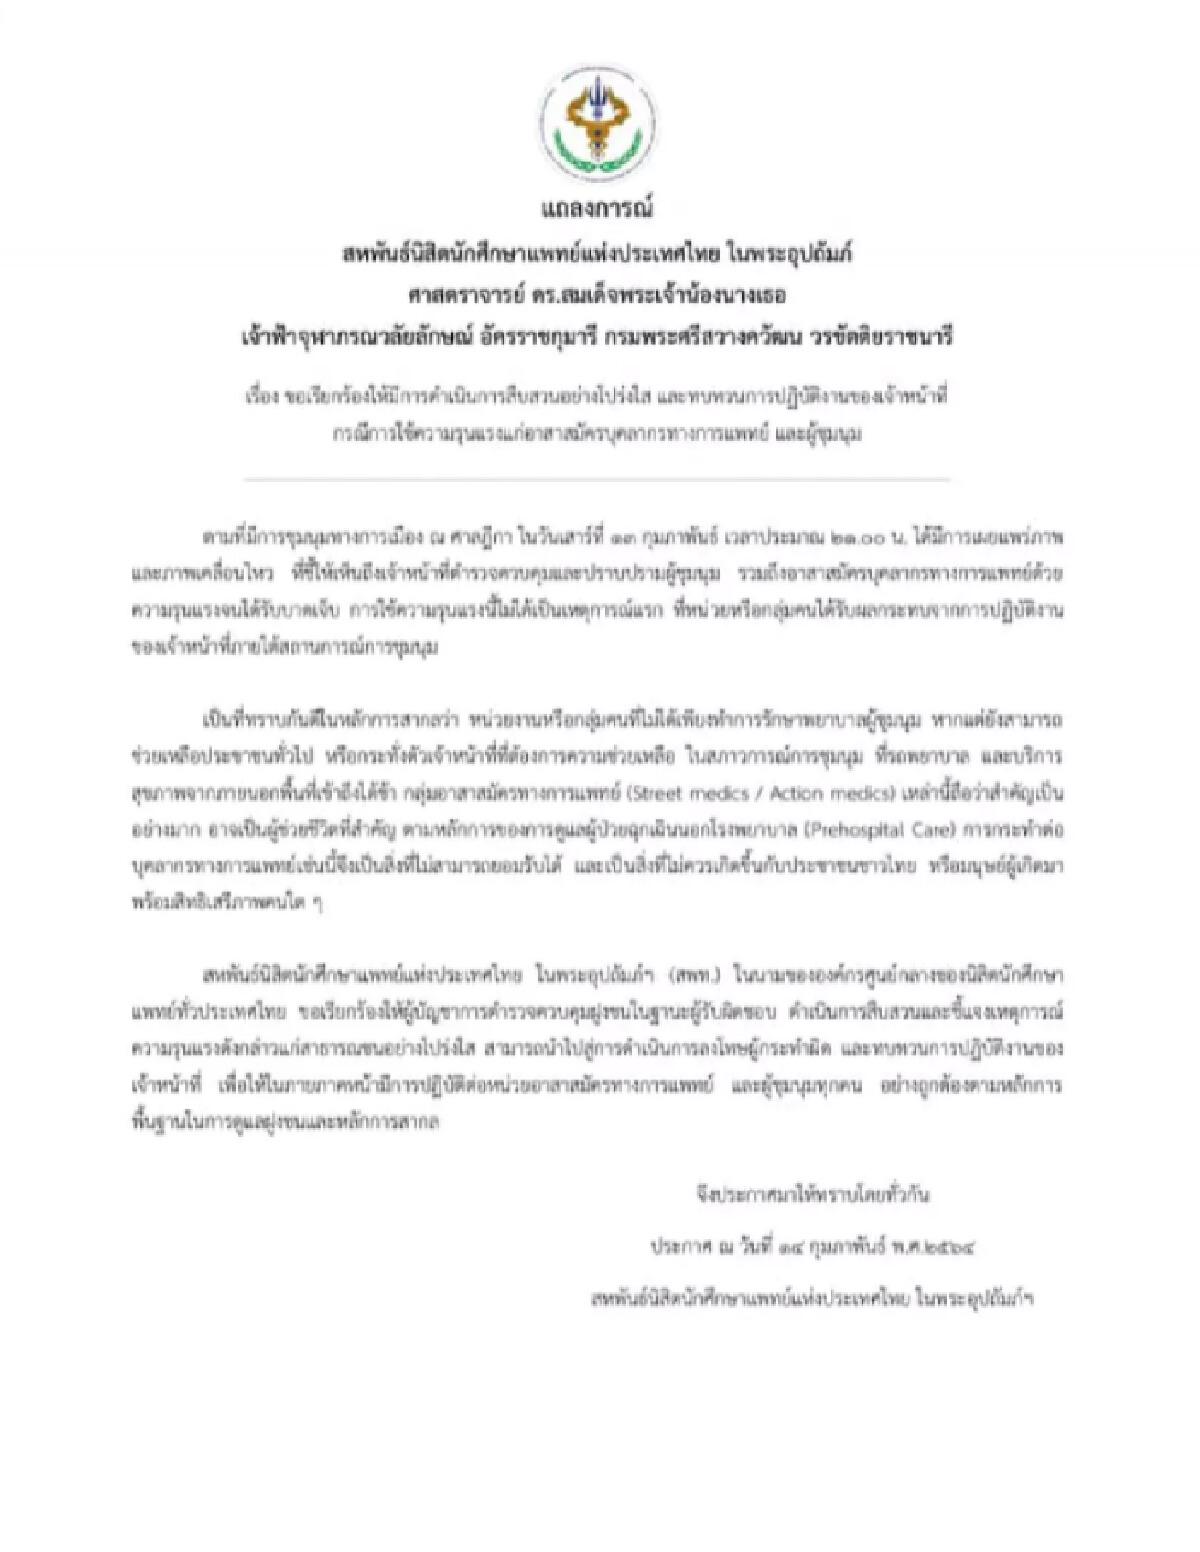 สหพันธ์นิสิตนักศึกษาแพทย์แห่งประเทศไทยไล่บี้เอาผิดตำรวจทำร้ายหมอ